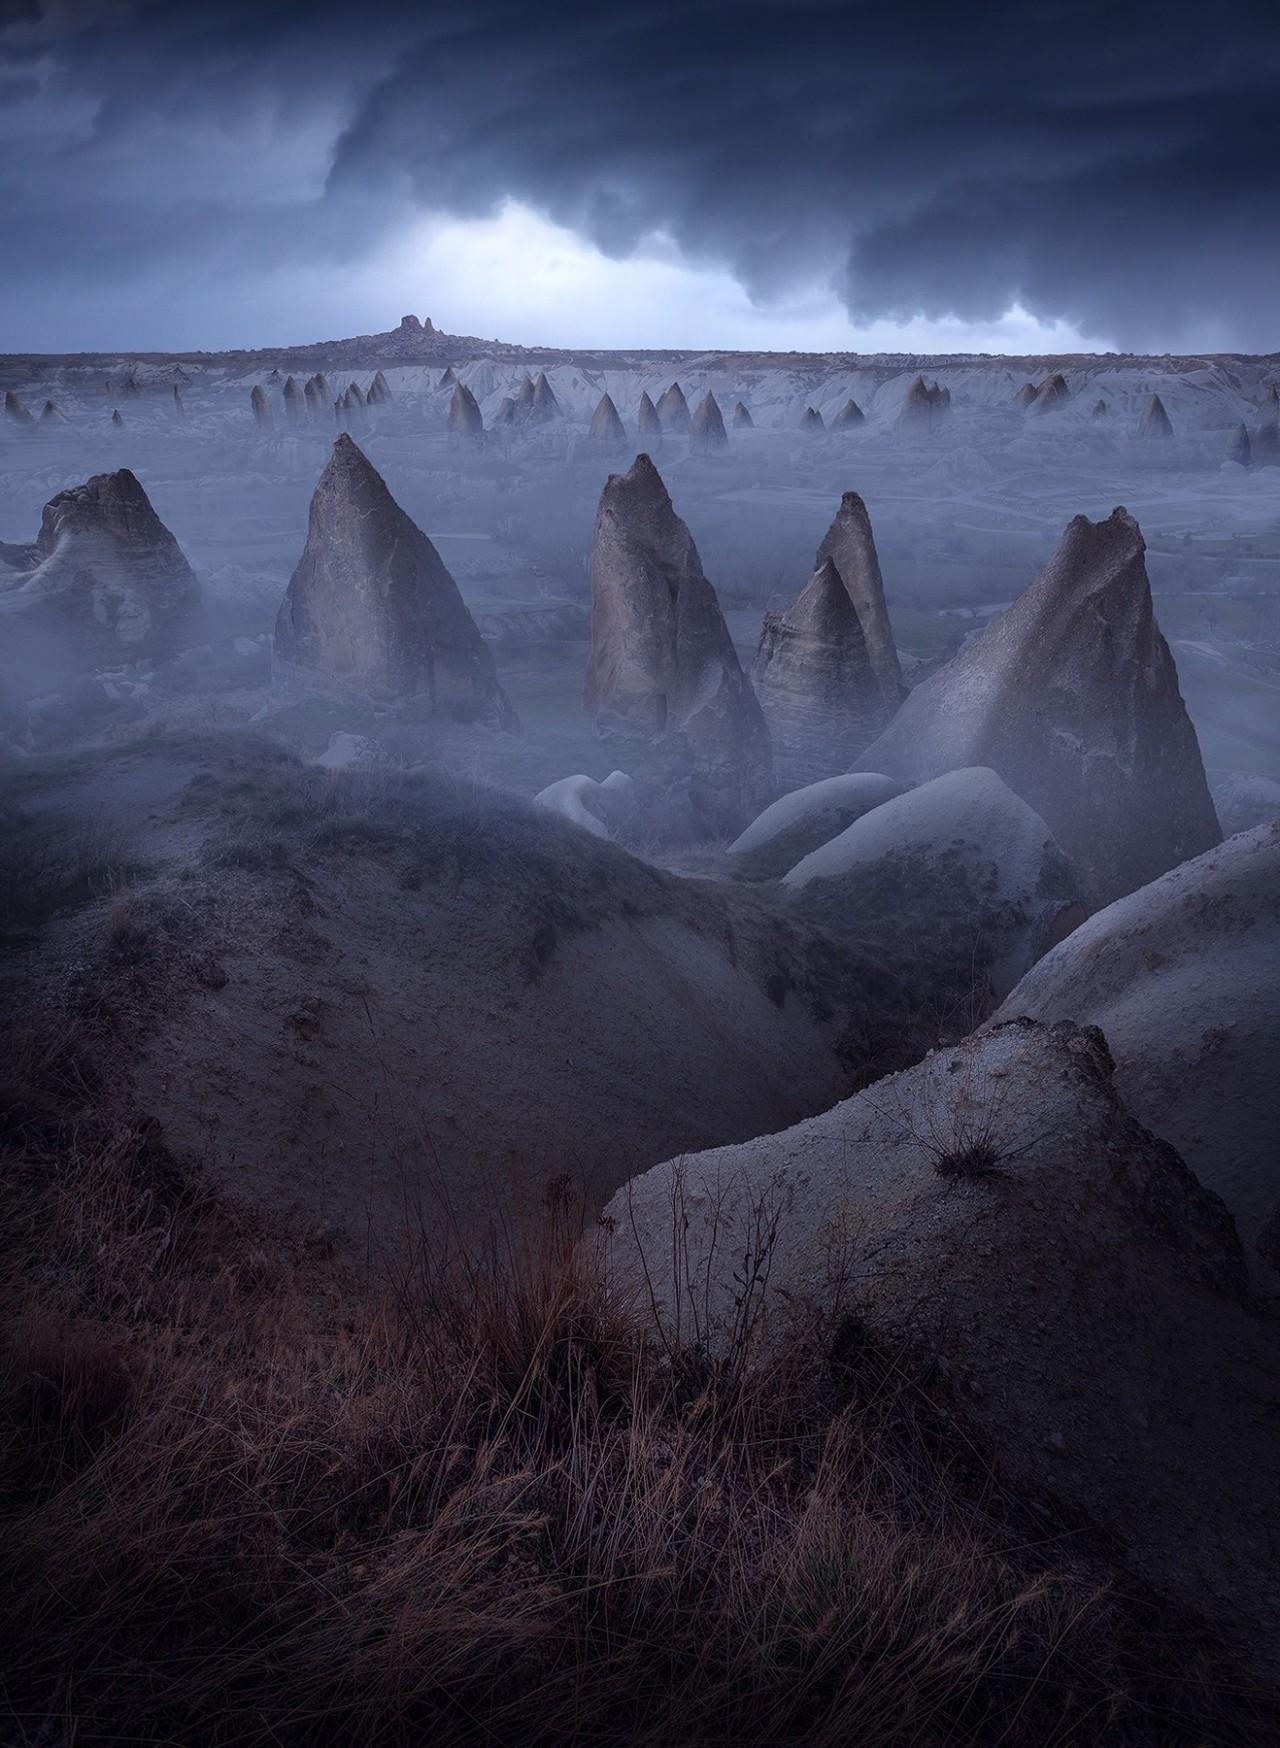 Финалист, 2020. Неземной пейзаж Каппадокии. Автор Айтек Четин